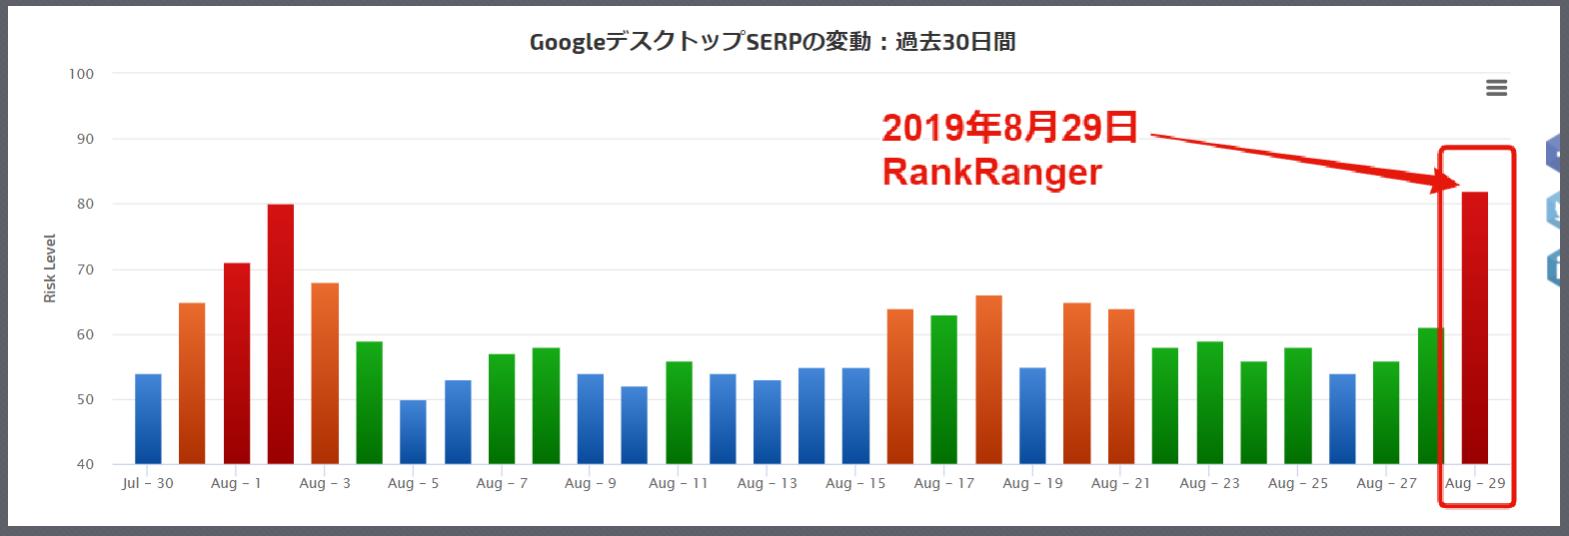 2019年8月29日RankRanger